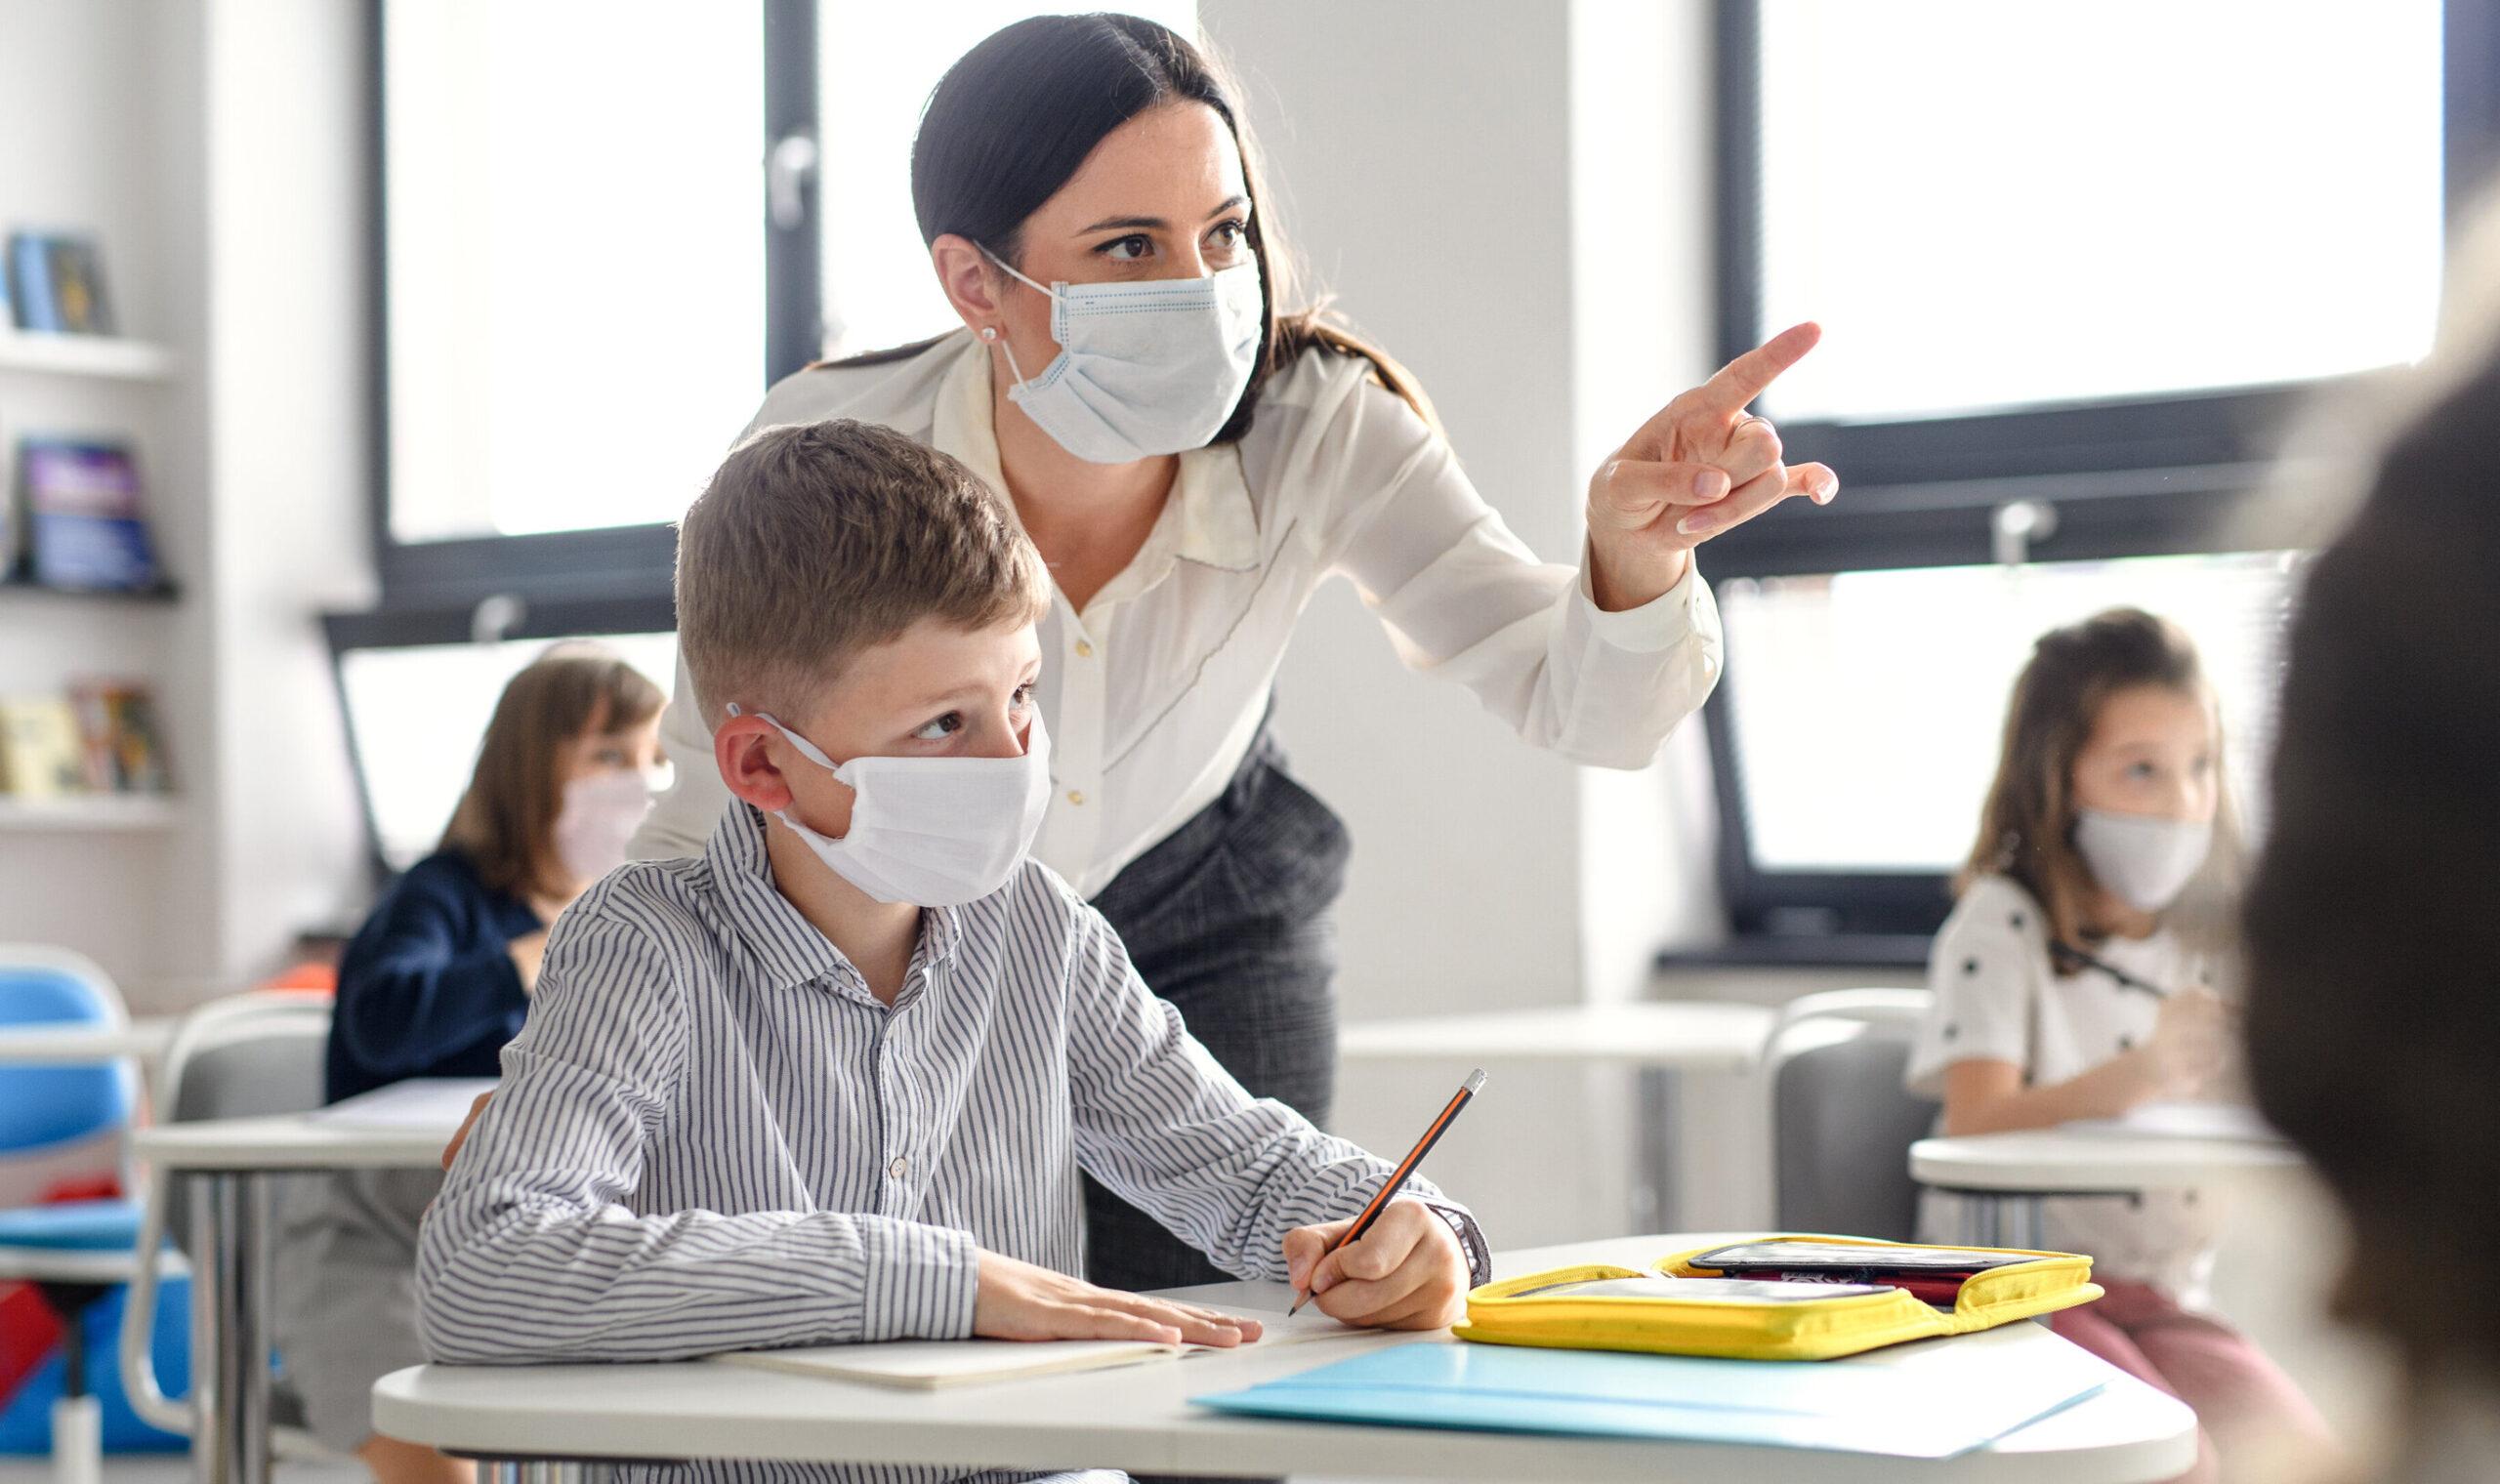 Profesorii vor fi programaţi pentru vaccinare de o persoană desemnată în fiecare unitate de învăţământ. Categoriile care au prioritate la vaccin